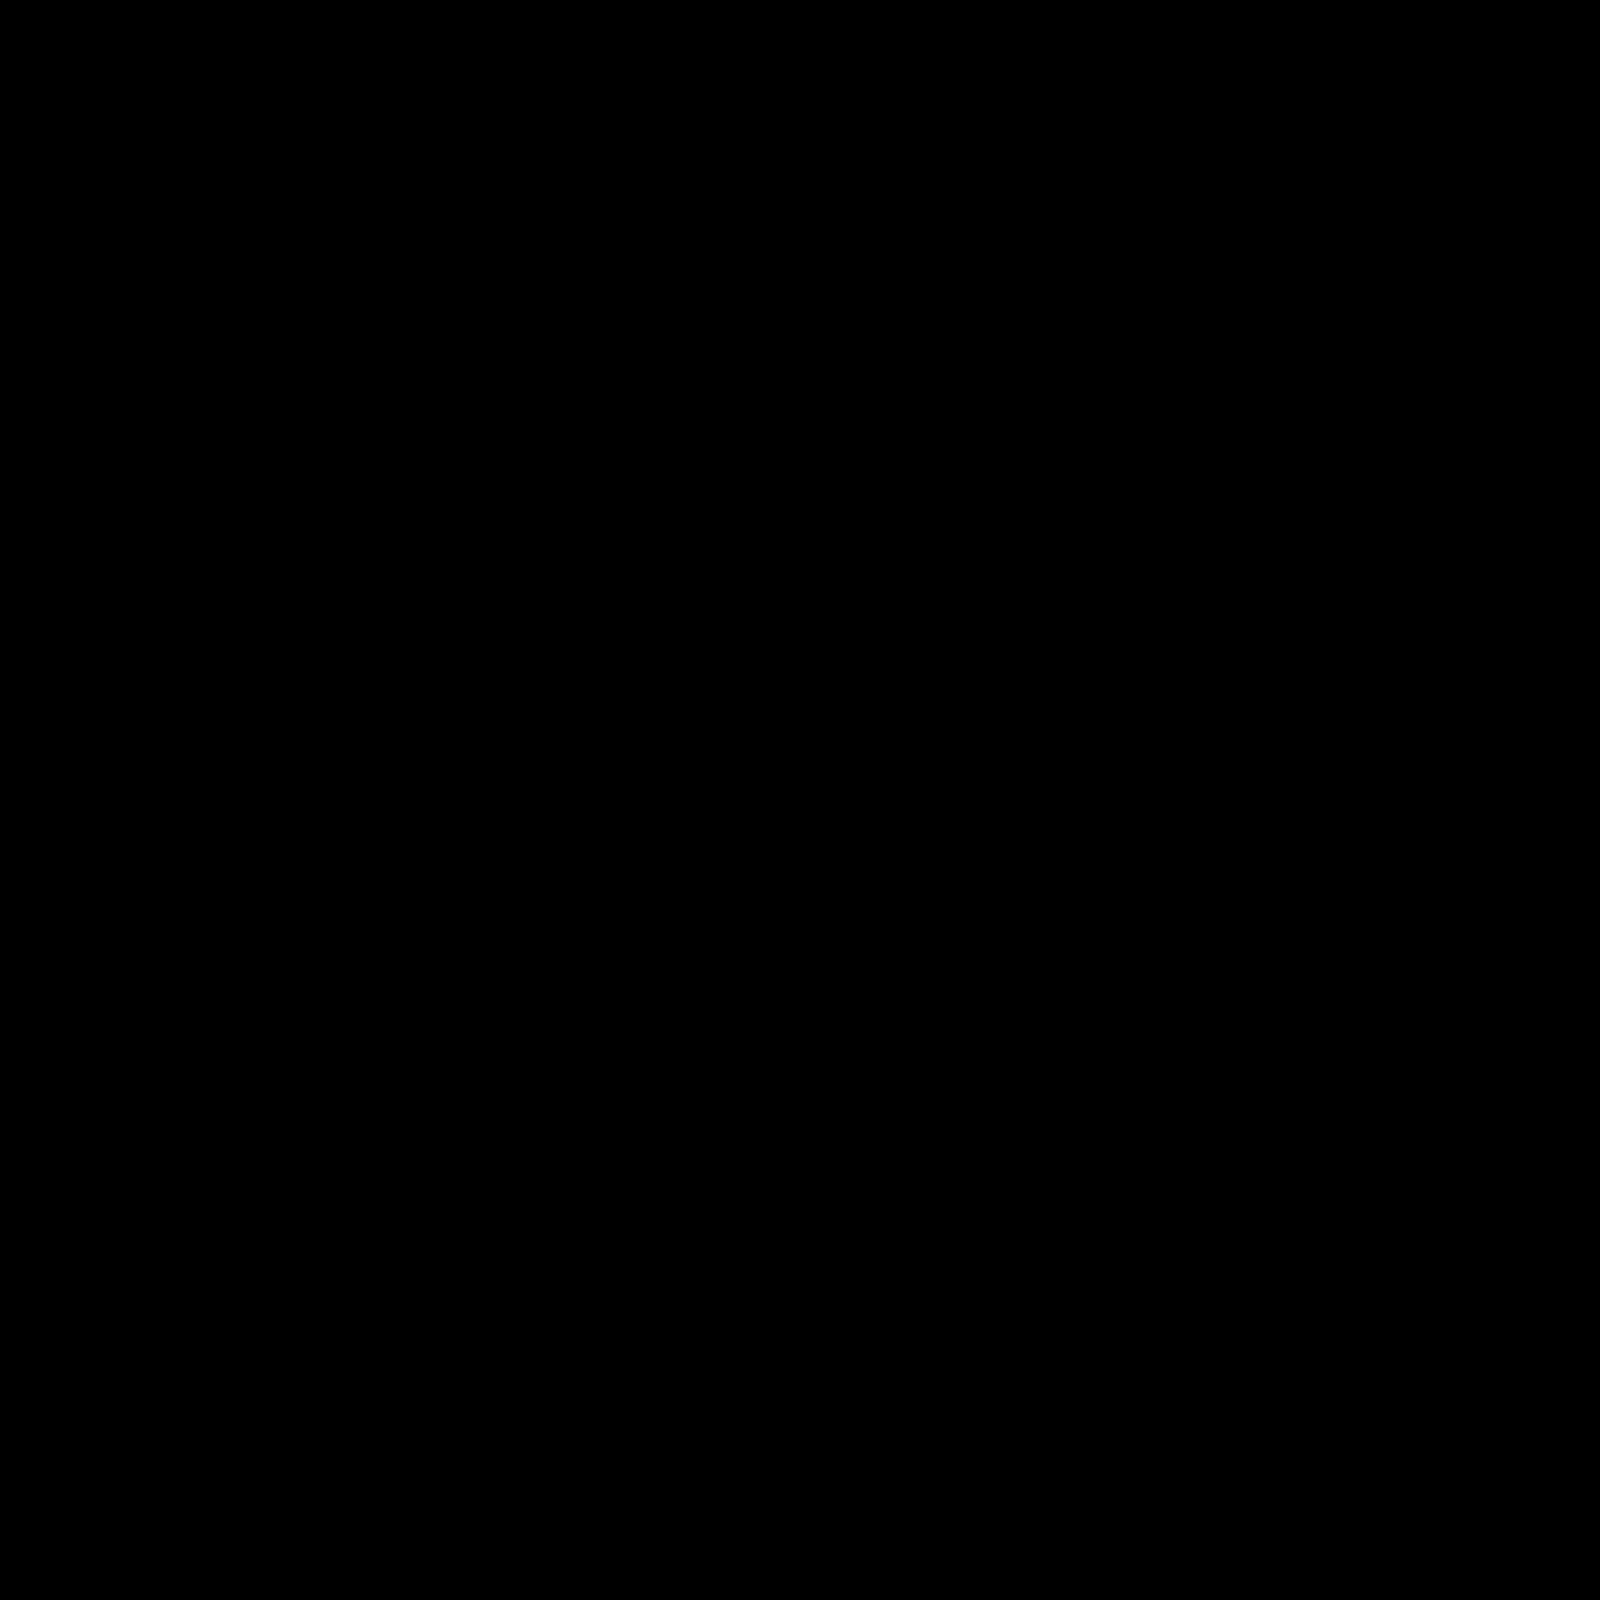 Georgia Map Filled icon